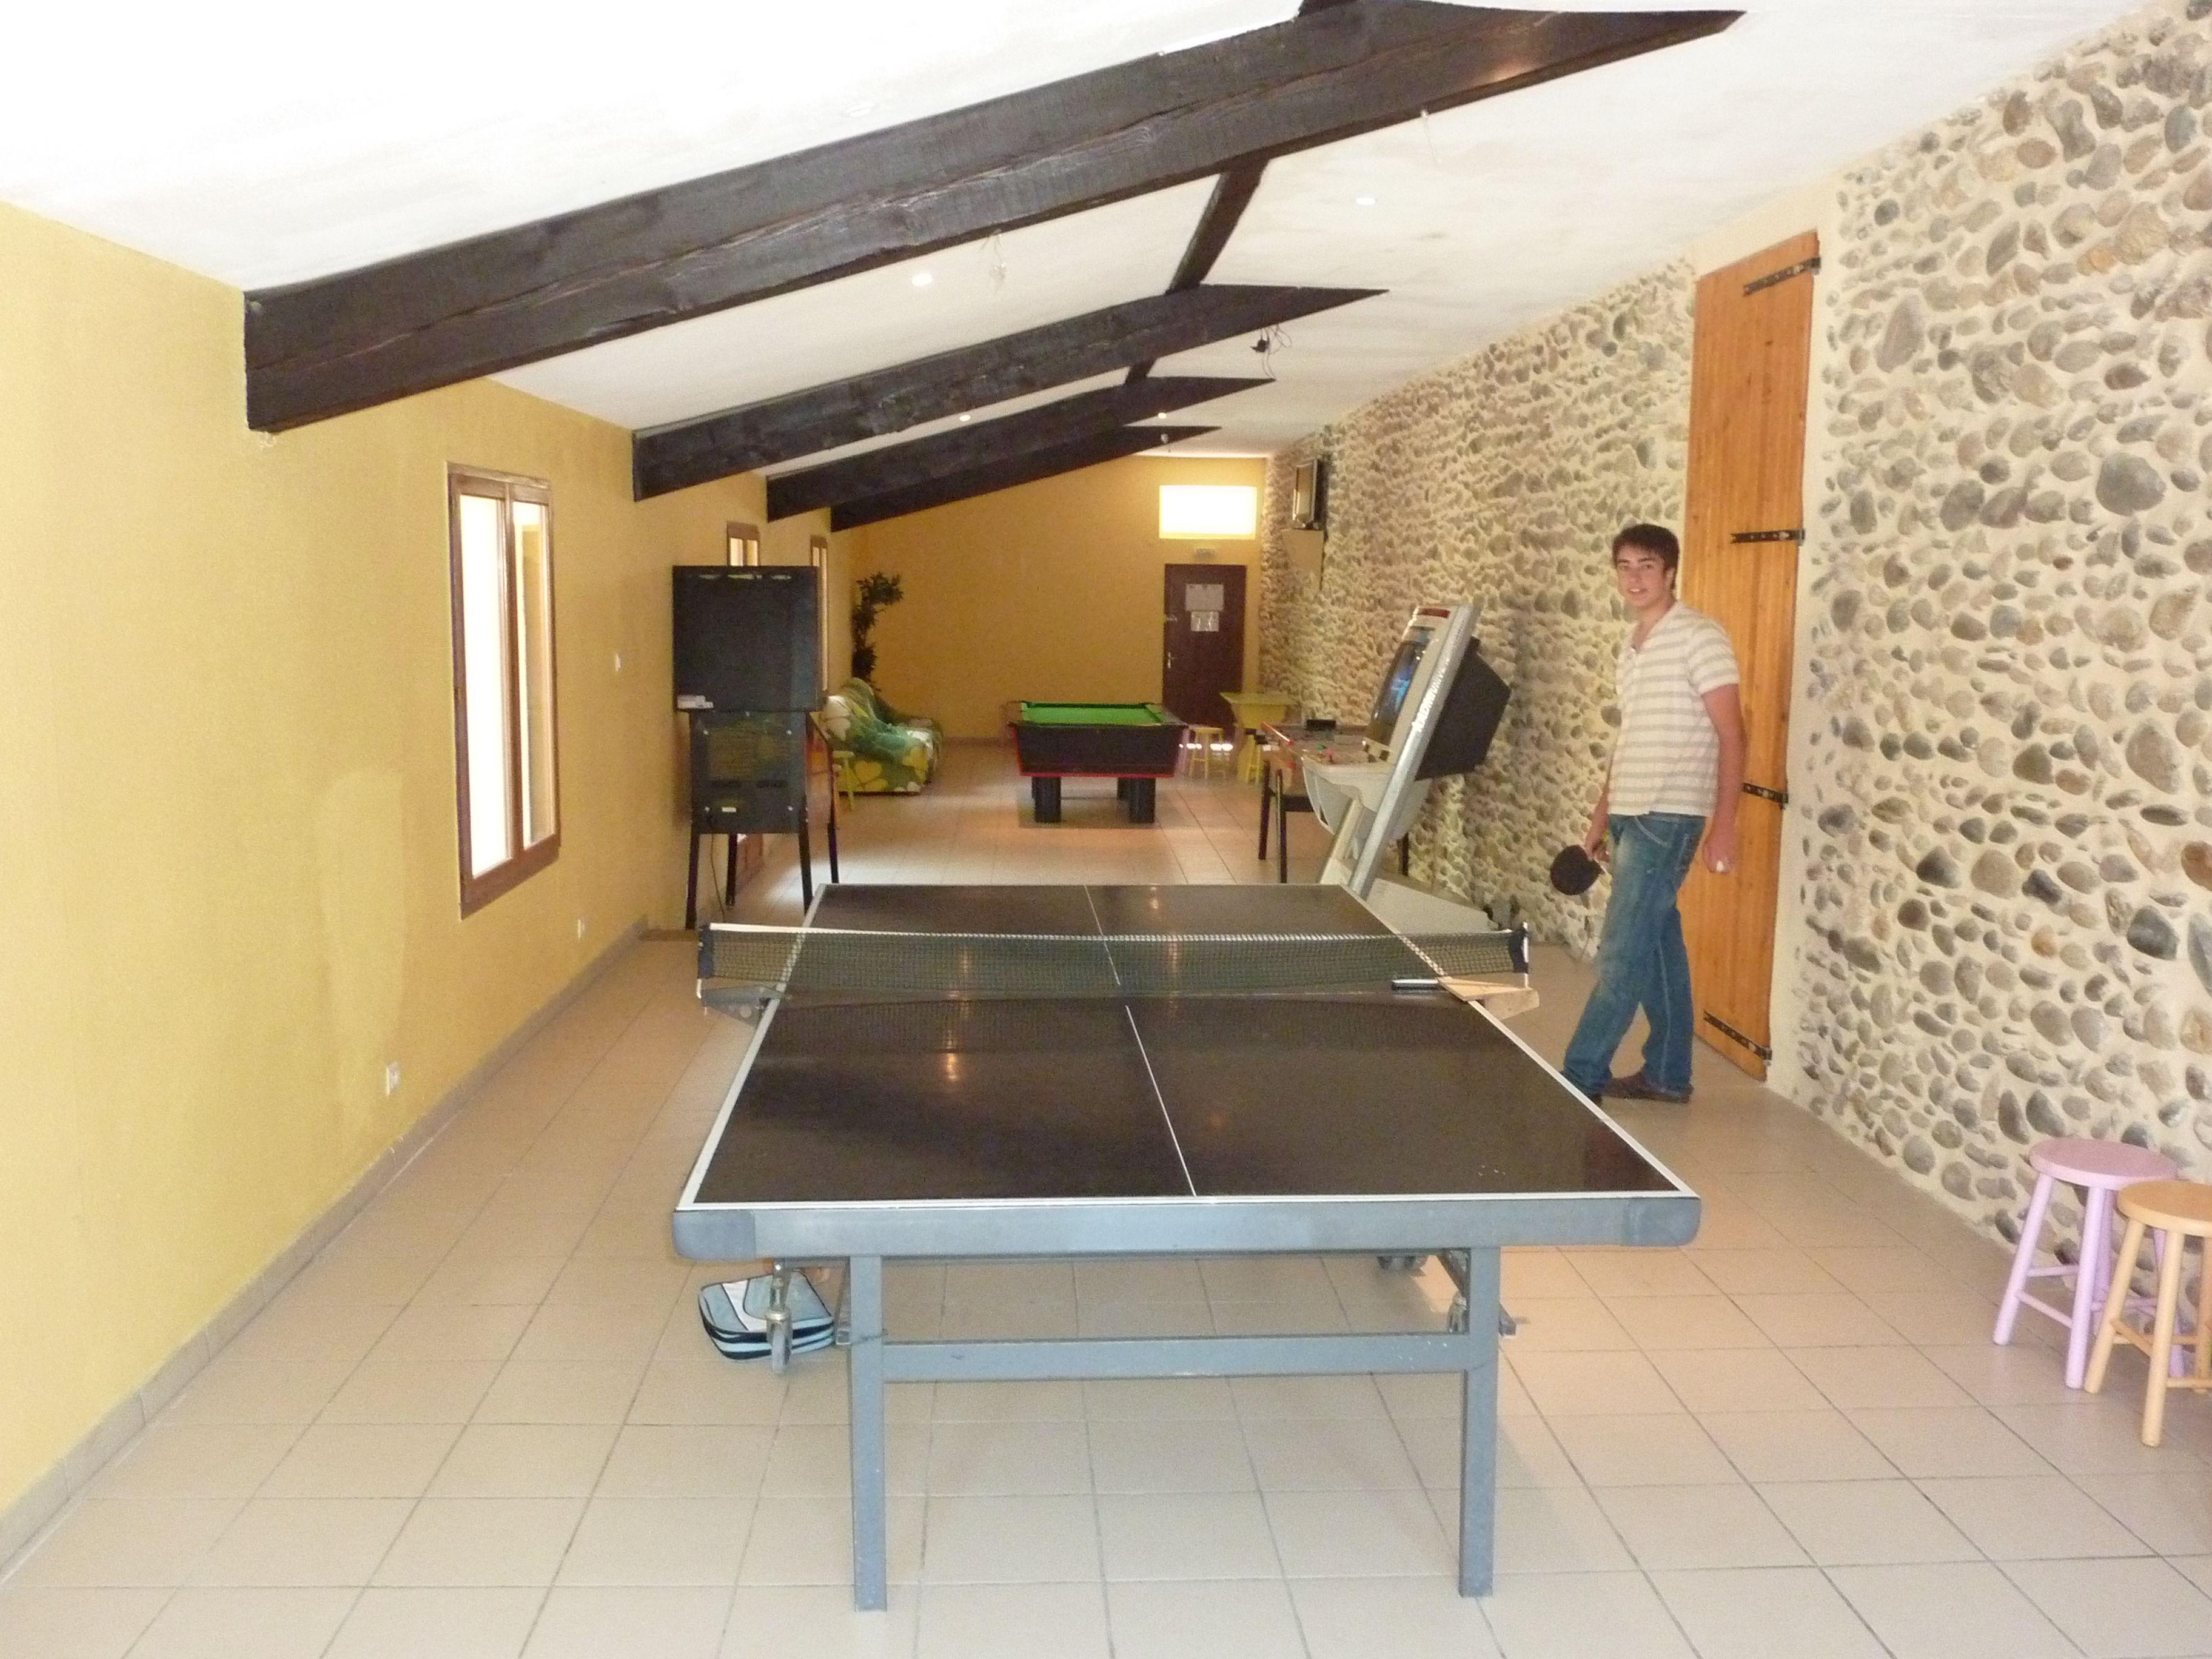 grande salle de jeux pour les adultes comme pour les enfants avec tv tennis de table. Black Bedroom Furniture Sets. Home Design Ideas